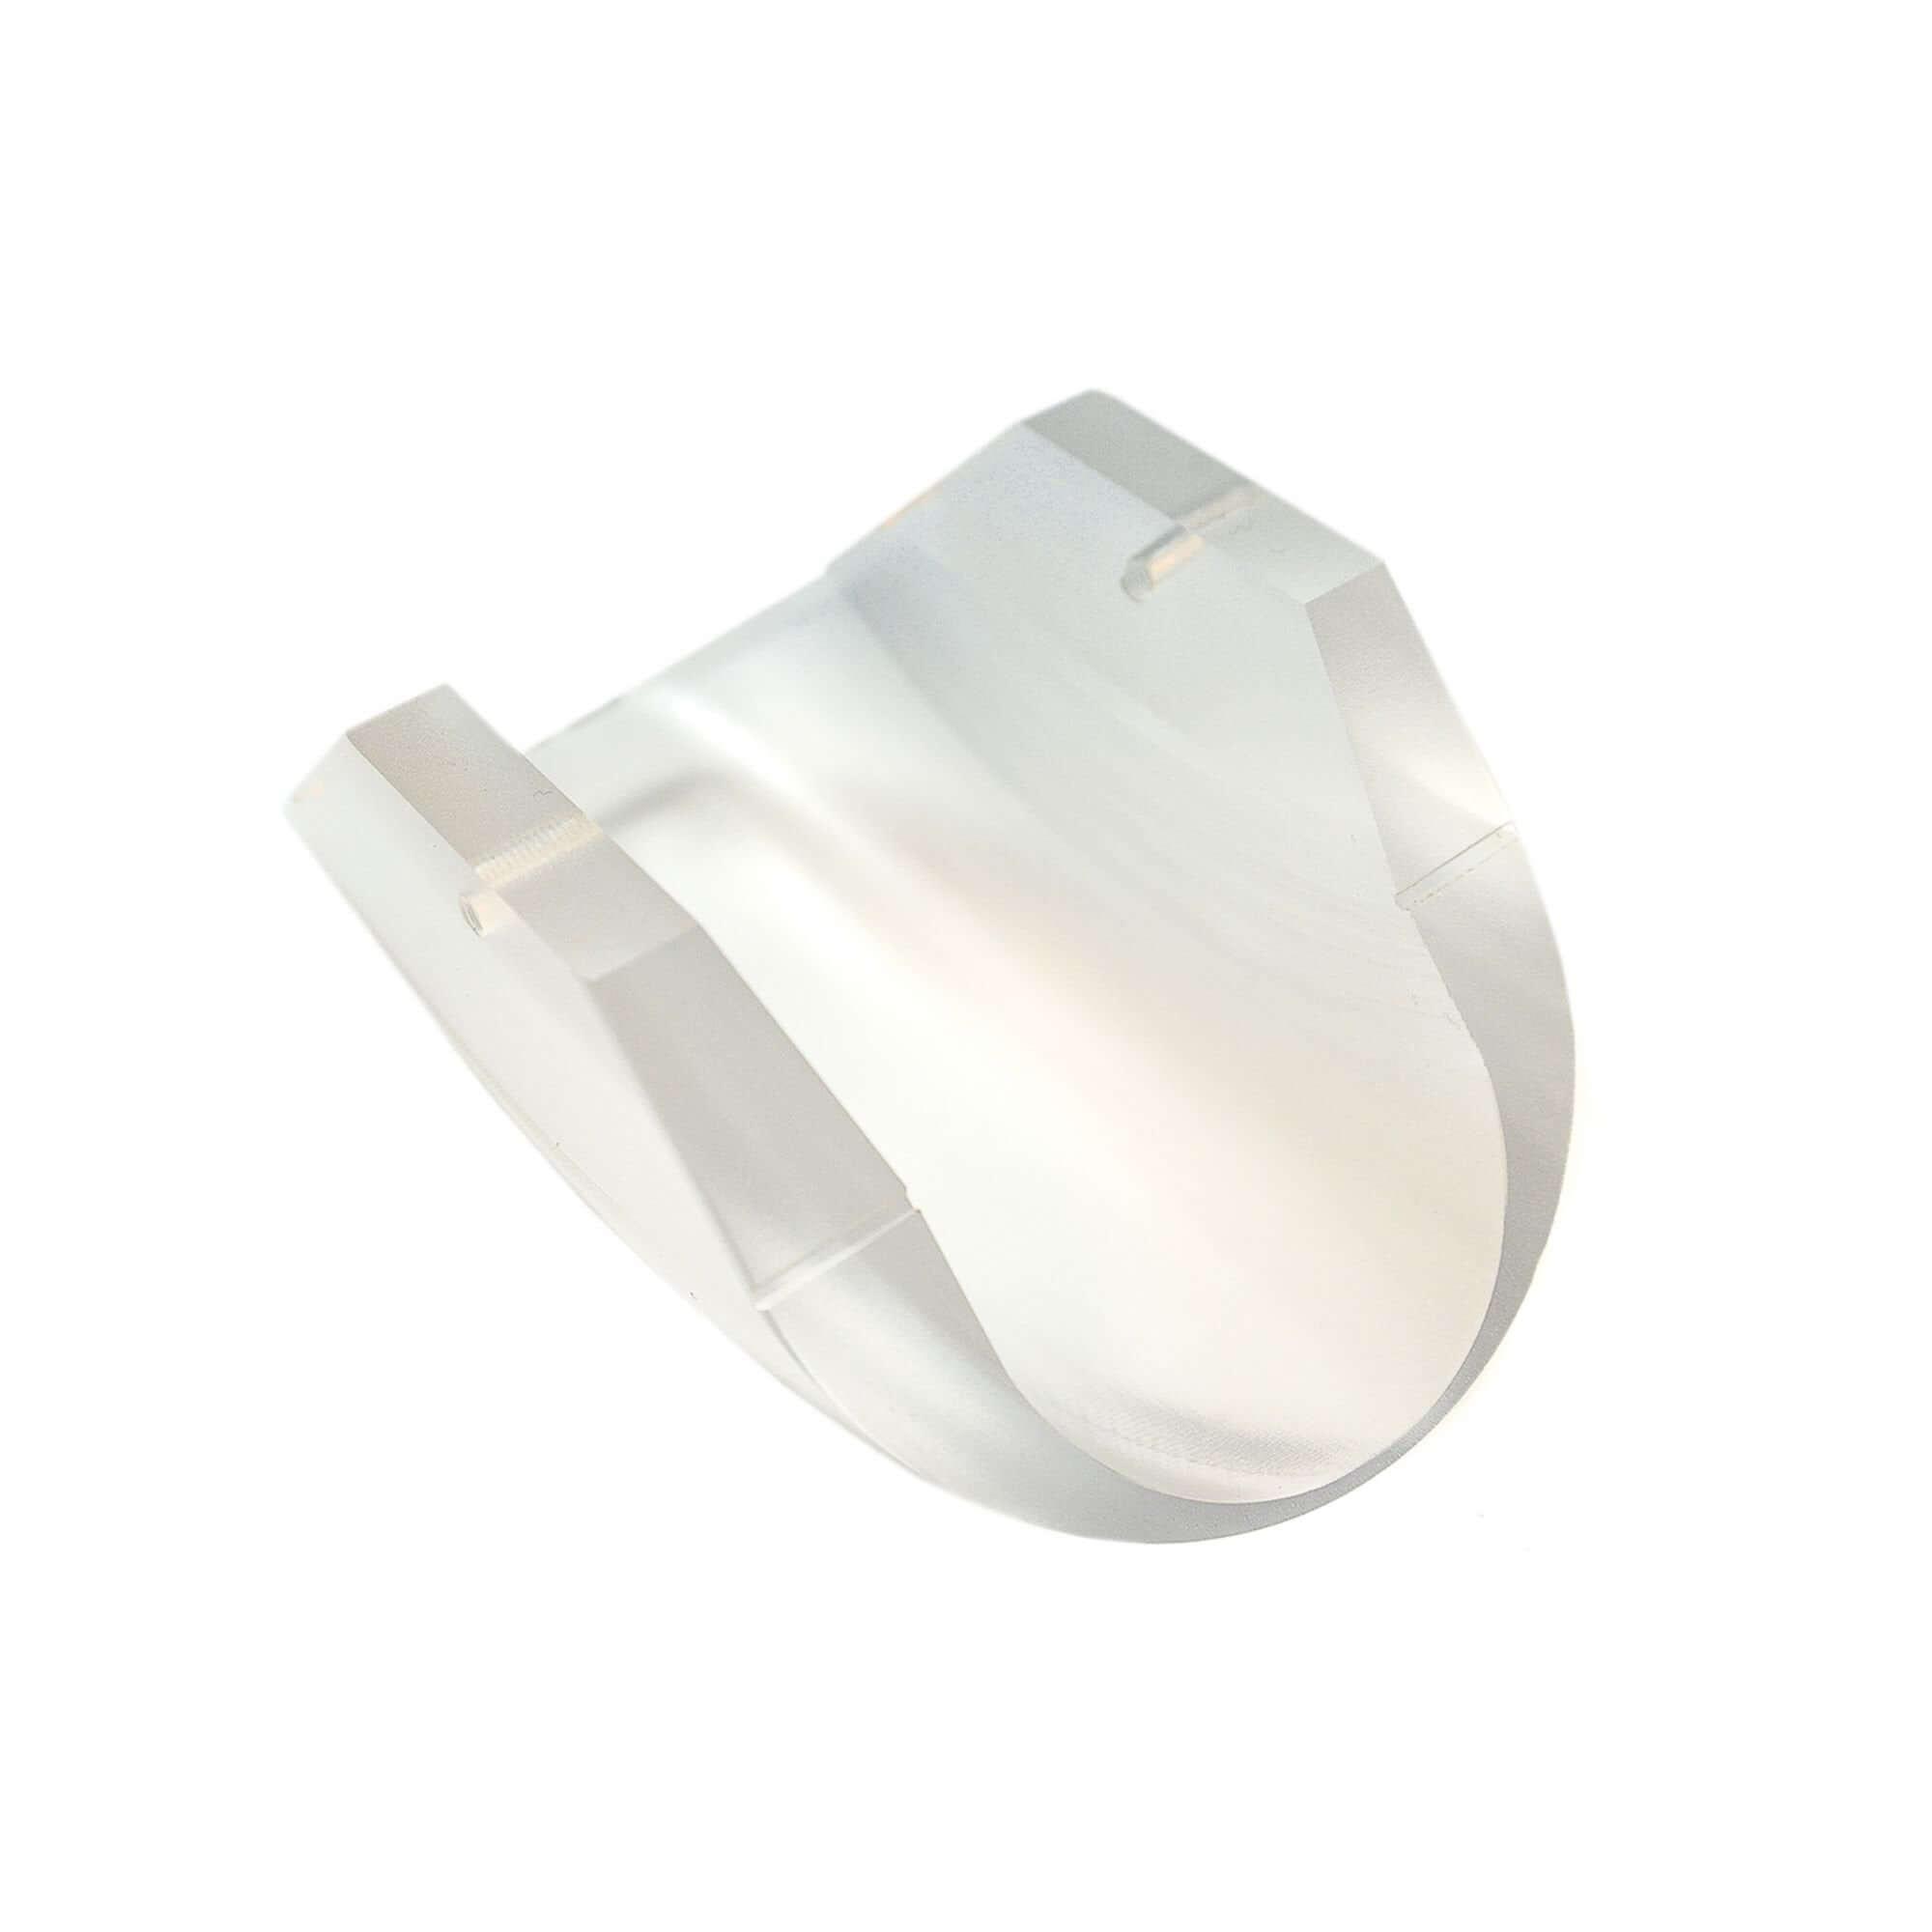 Acryline Diffuseur en verre acrylique pièces technique plastique acrylic composants pour l?eclairage fraisé dessablé